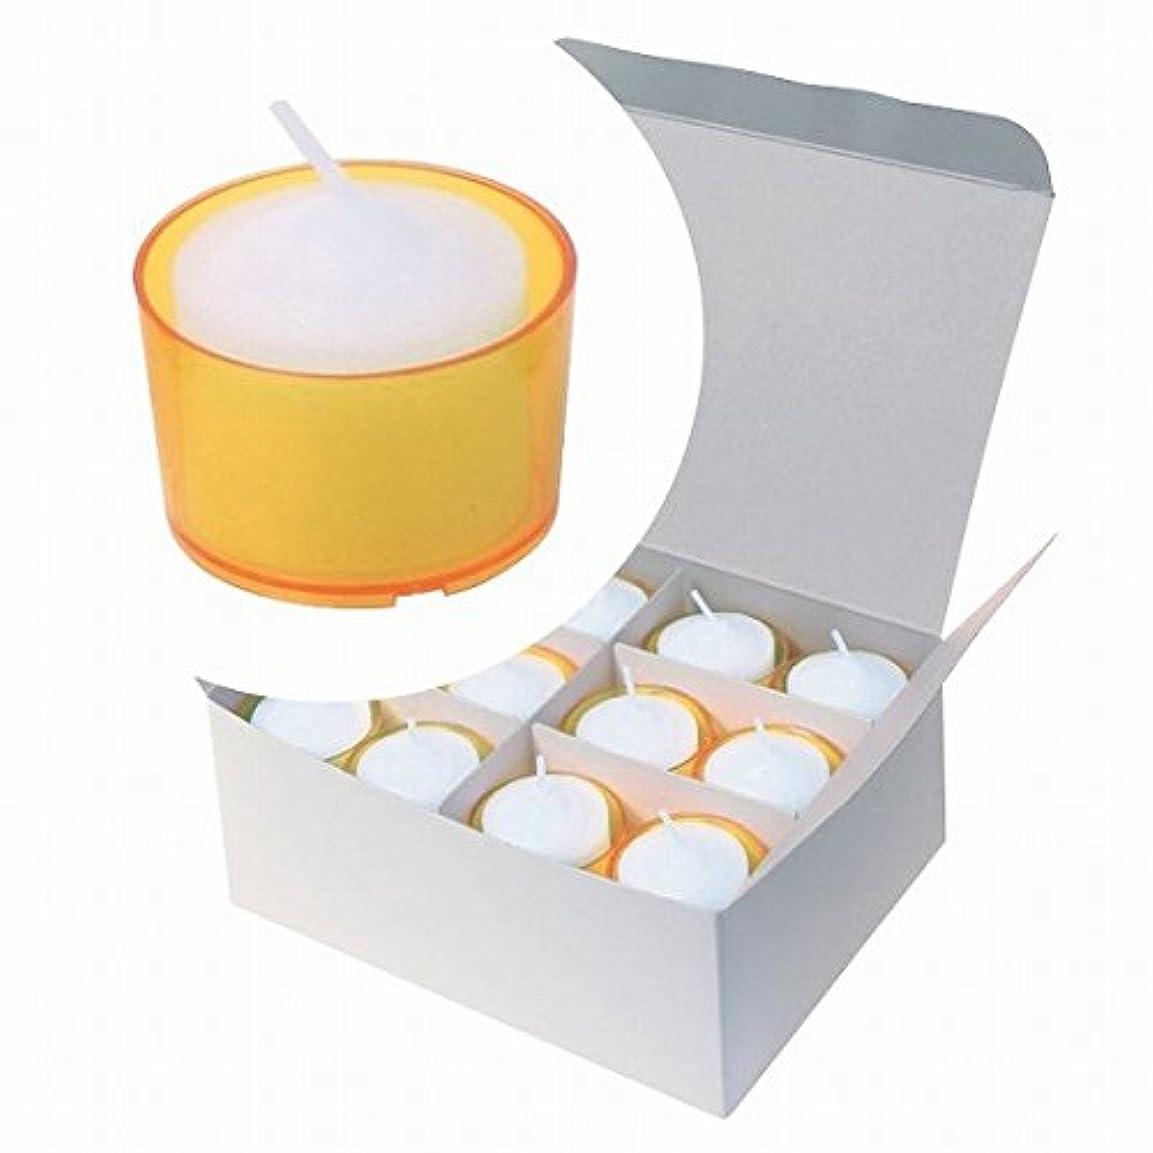 優遇させる縫うカメヤマキャンドル( kameyama candle ) カラークリアカップボーティブ6時間タイプ 24個入り 「 イエロー 」